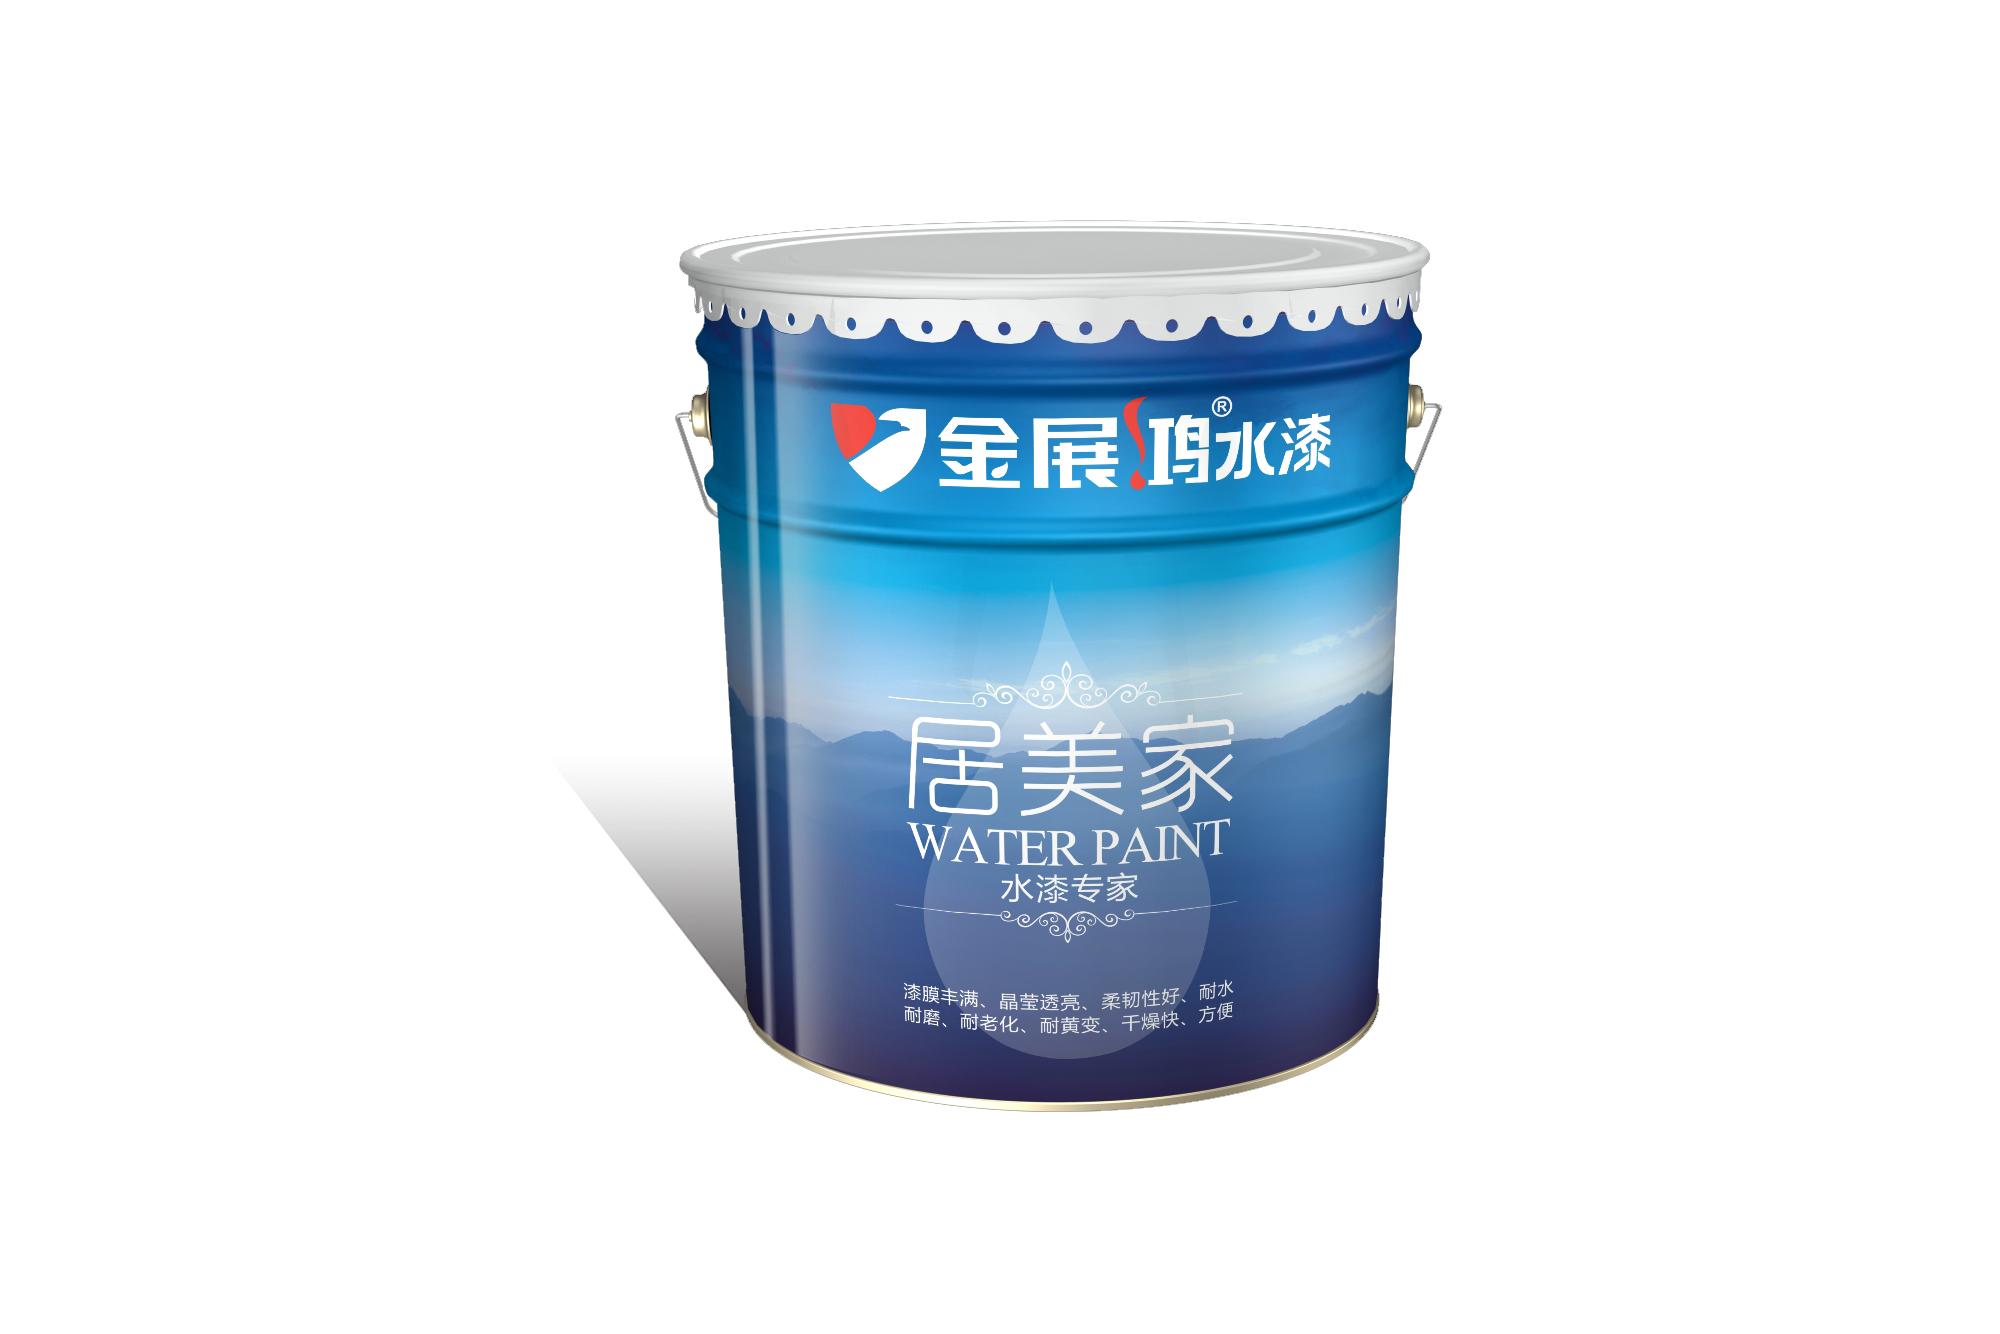 辽宁专业水性木器漆加盟